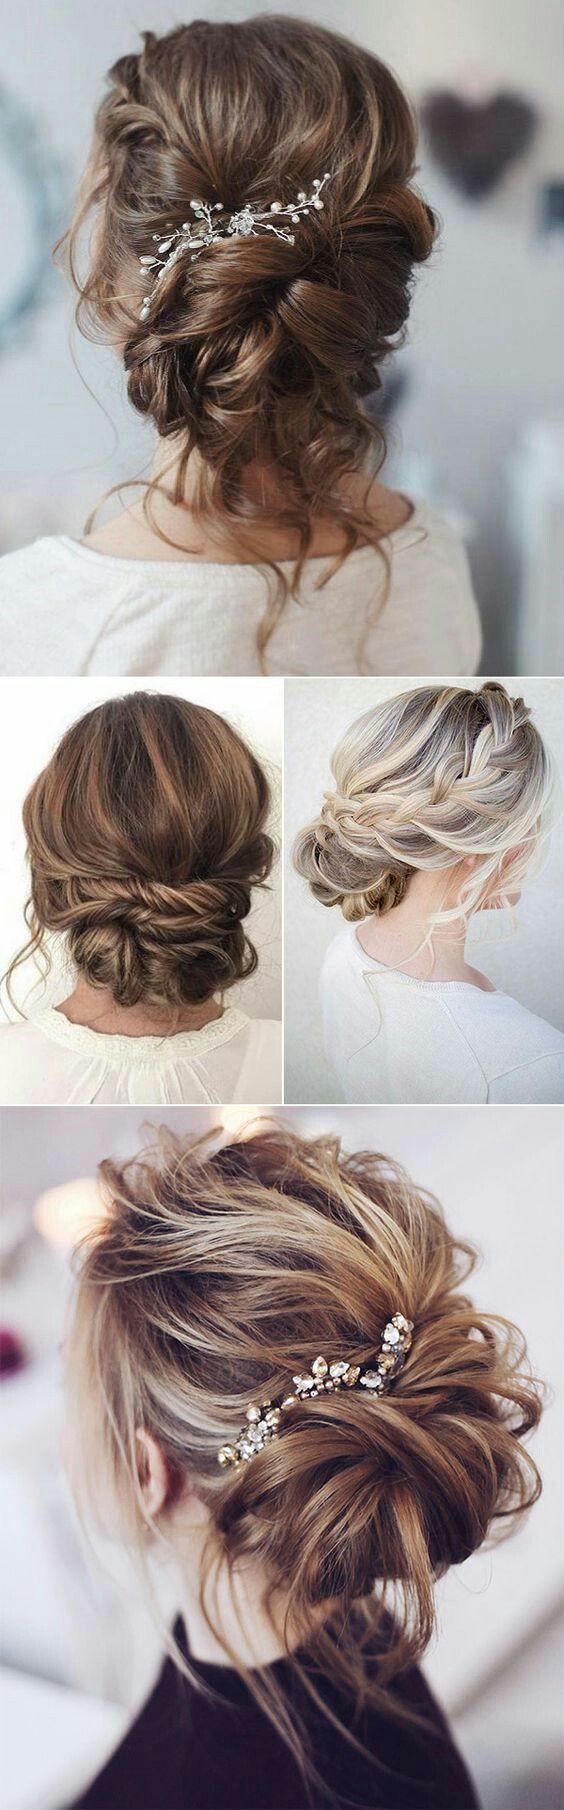 accessoires cheveux coiffure mariage chignon mariée bohème romantique retro, BIJOUX MARIAGE (8)